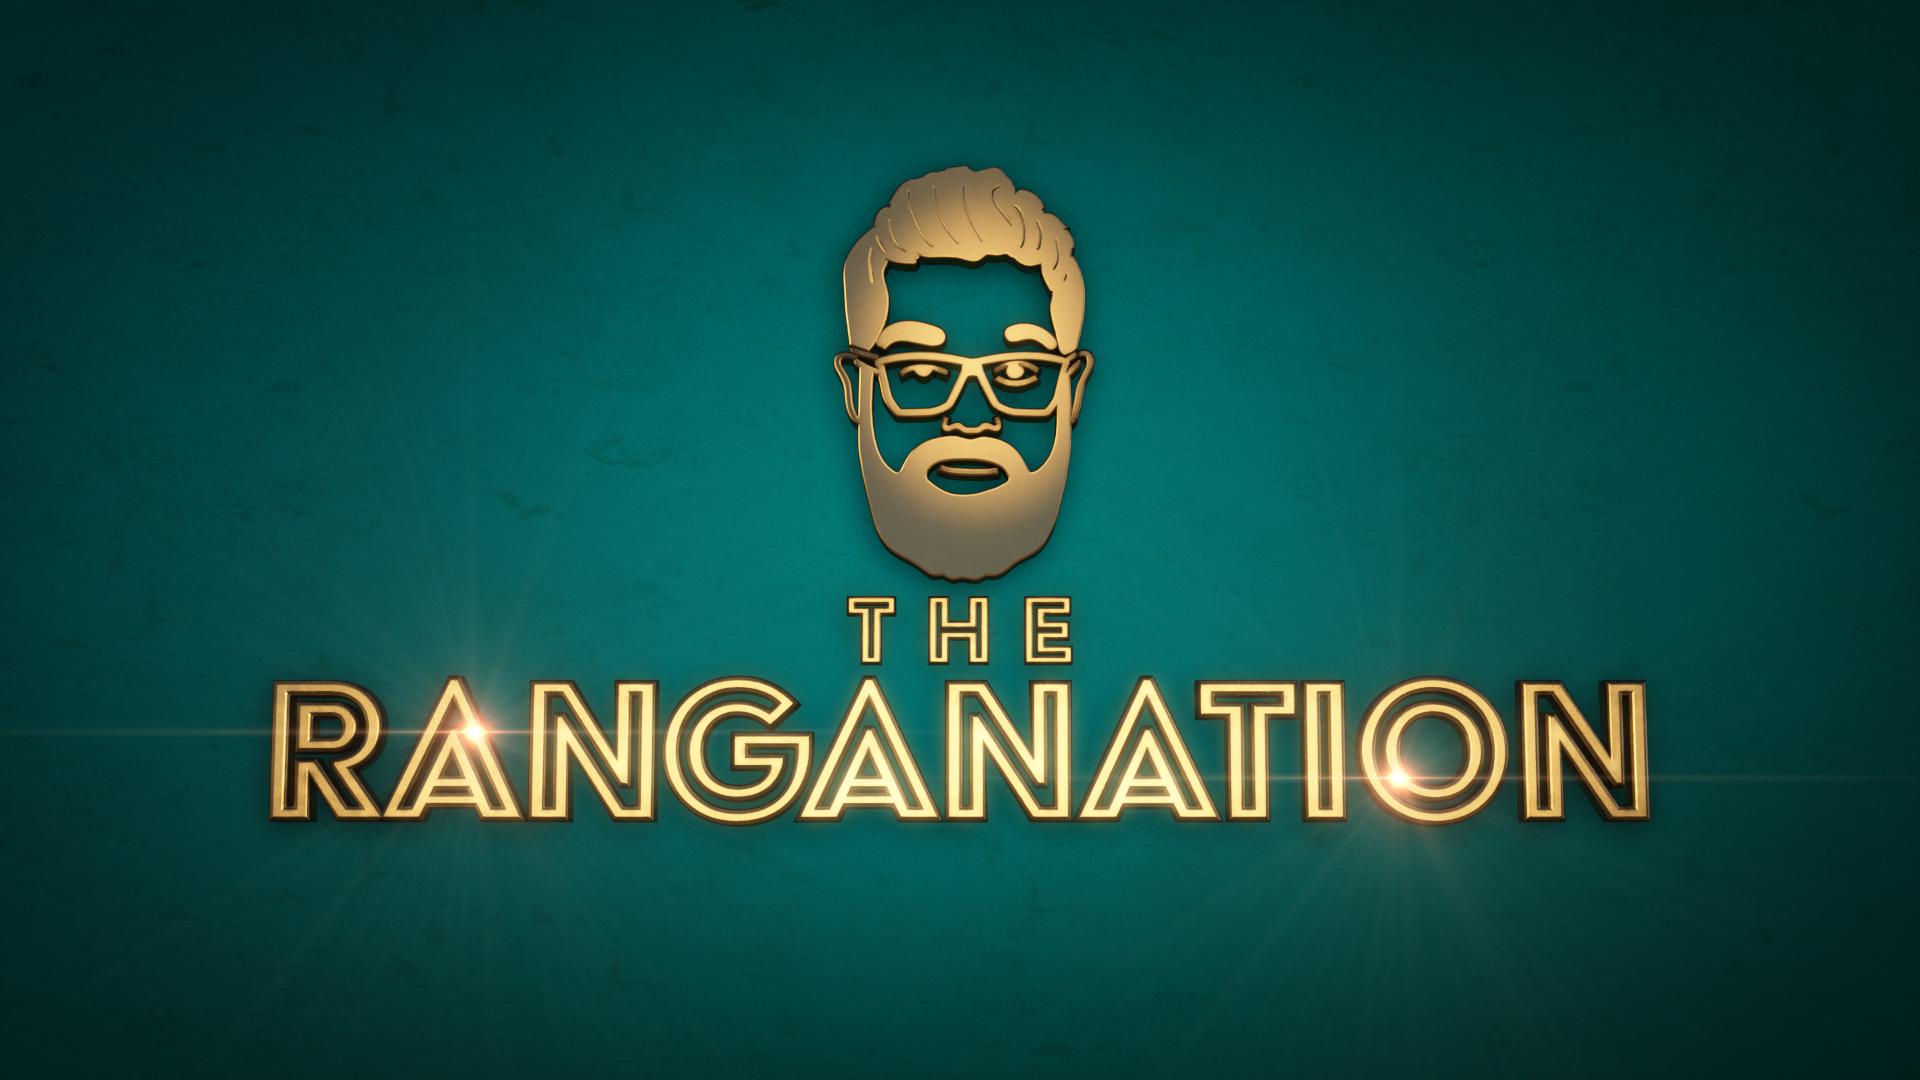 RANGANATION_LOGO_CUE_CARD_V2_VIN.png